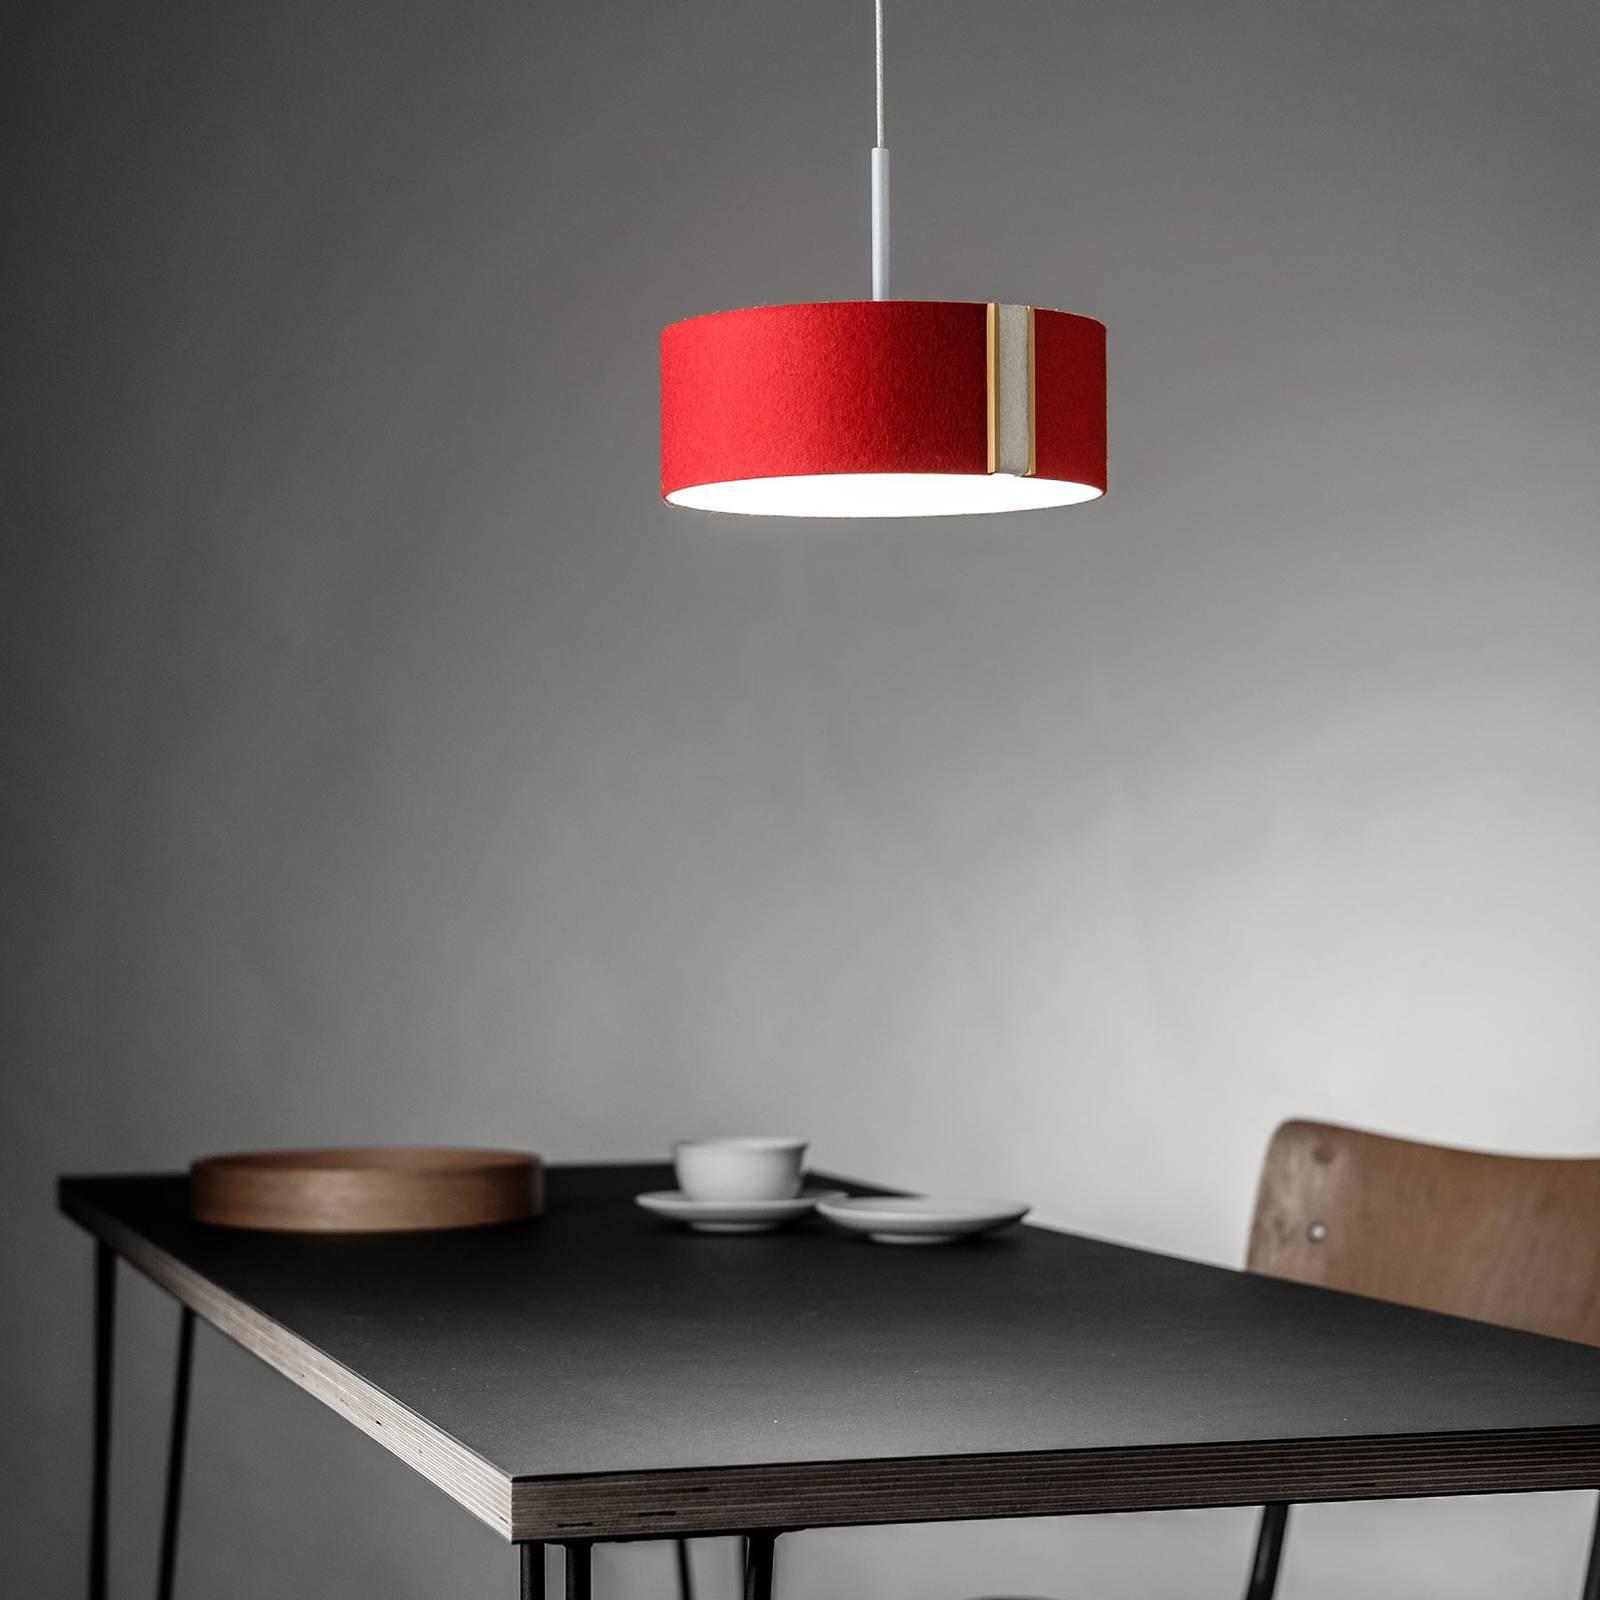 Lampa wisząca LED LARAfelt S, Ø20cm czerwona/biała